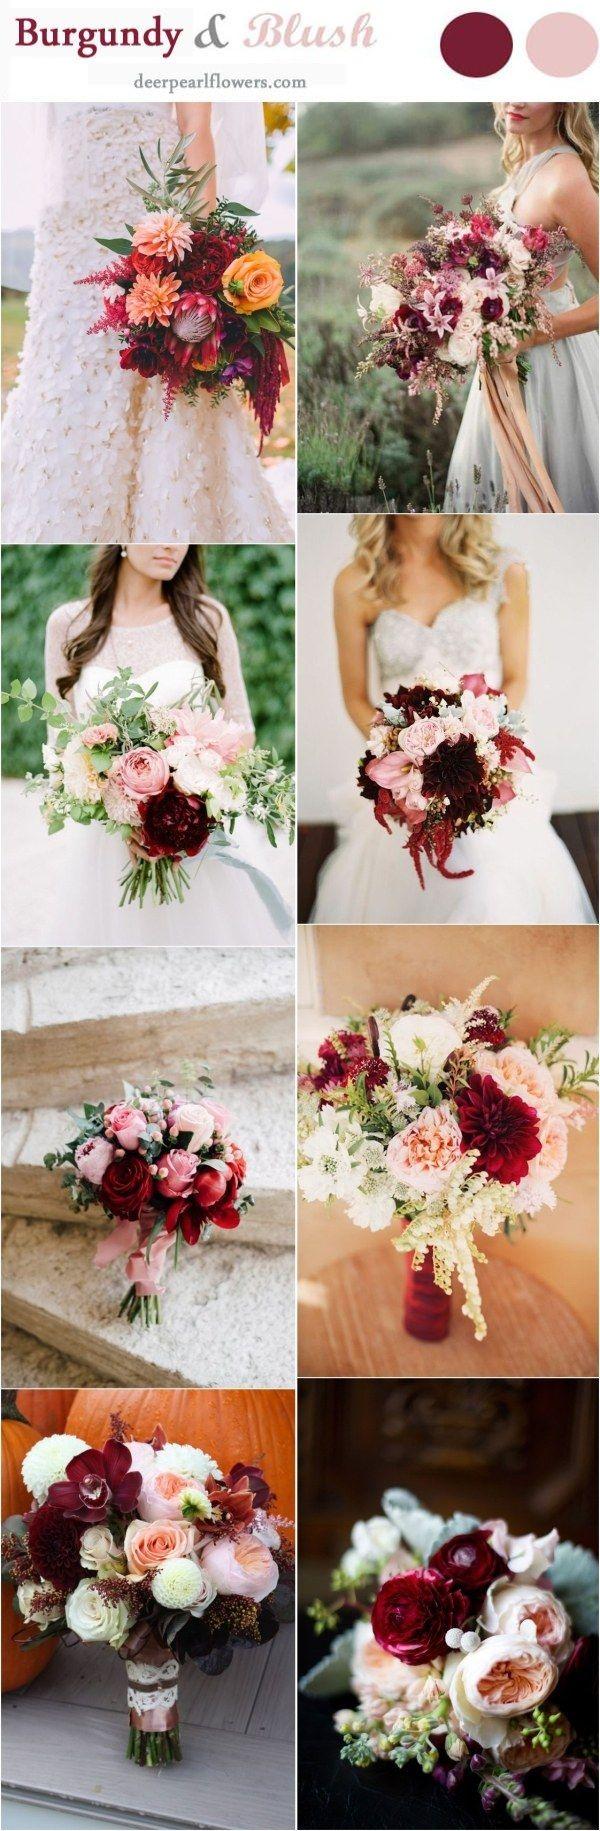 Burgundy and Blush Fall Wedding Ideas / http://www.deerpearlflowers.com/burgundy-and-blush-fall-wedding-ideas/